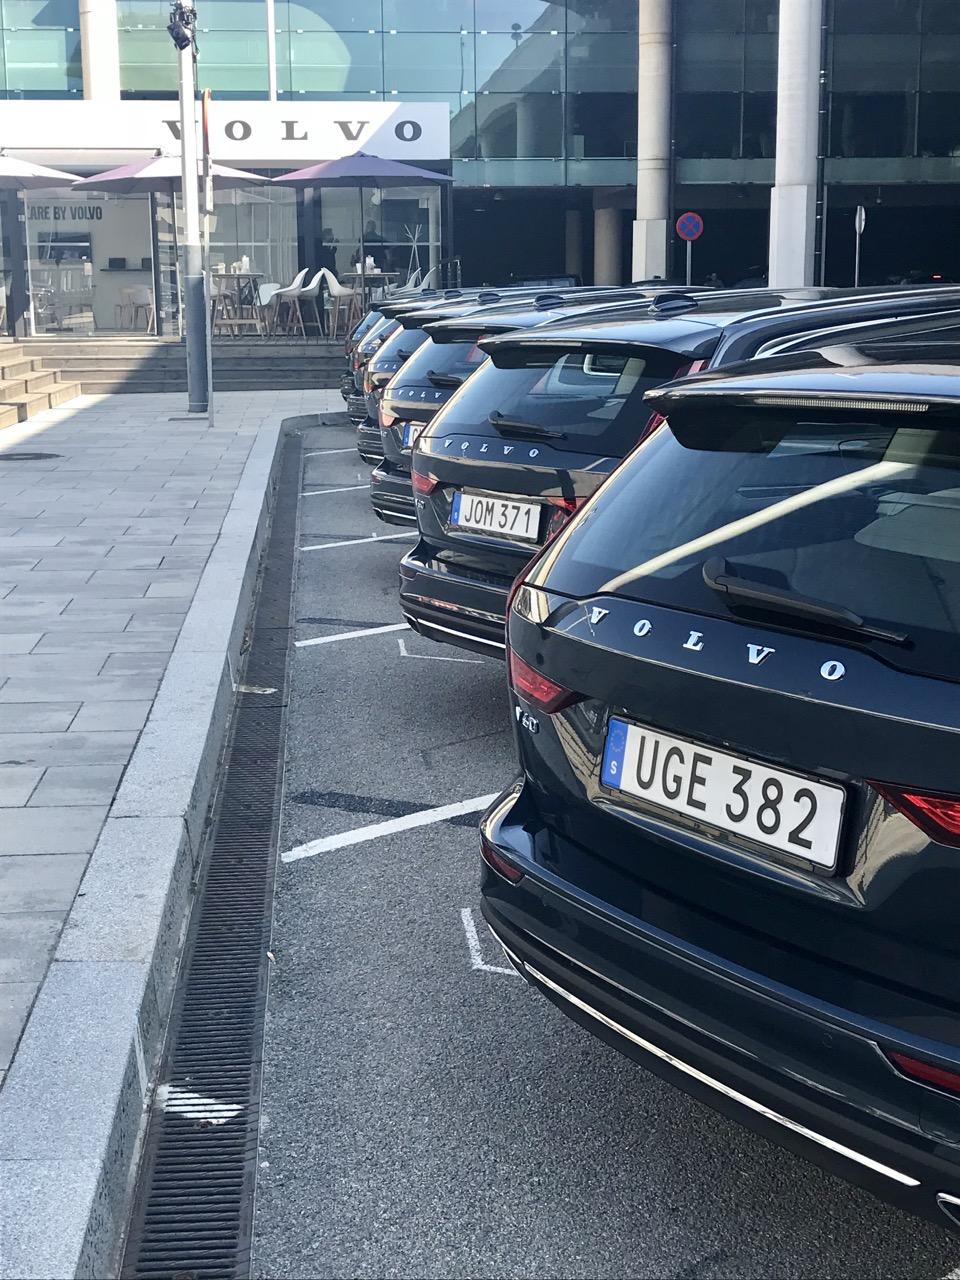 Volvo V60 MY 2018 - Test Drive in Anteprima